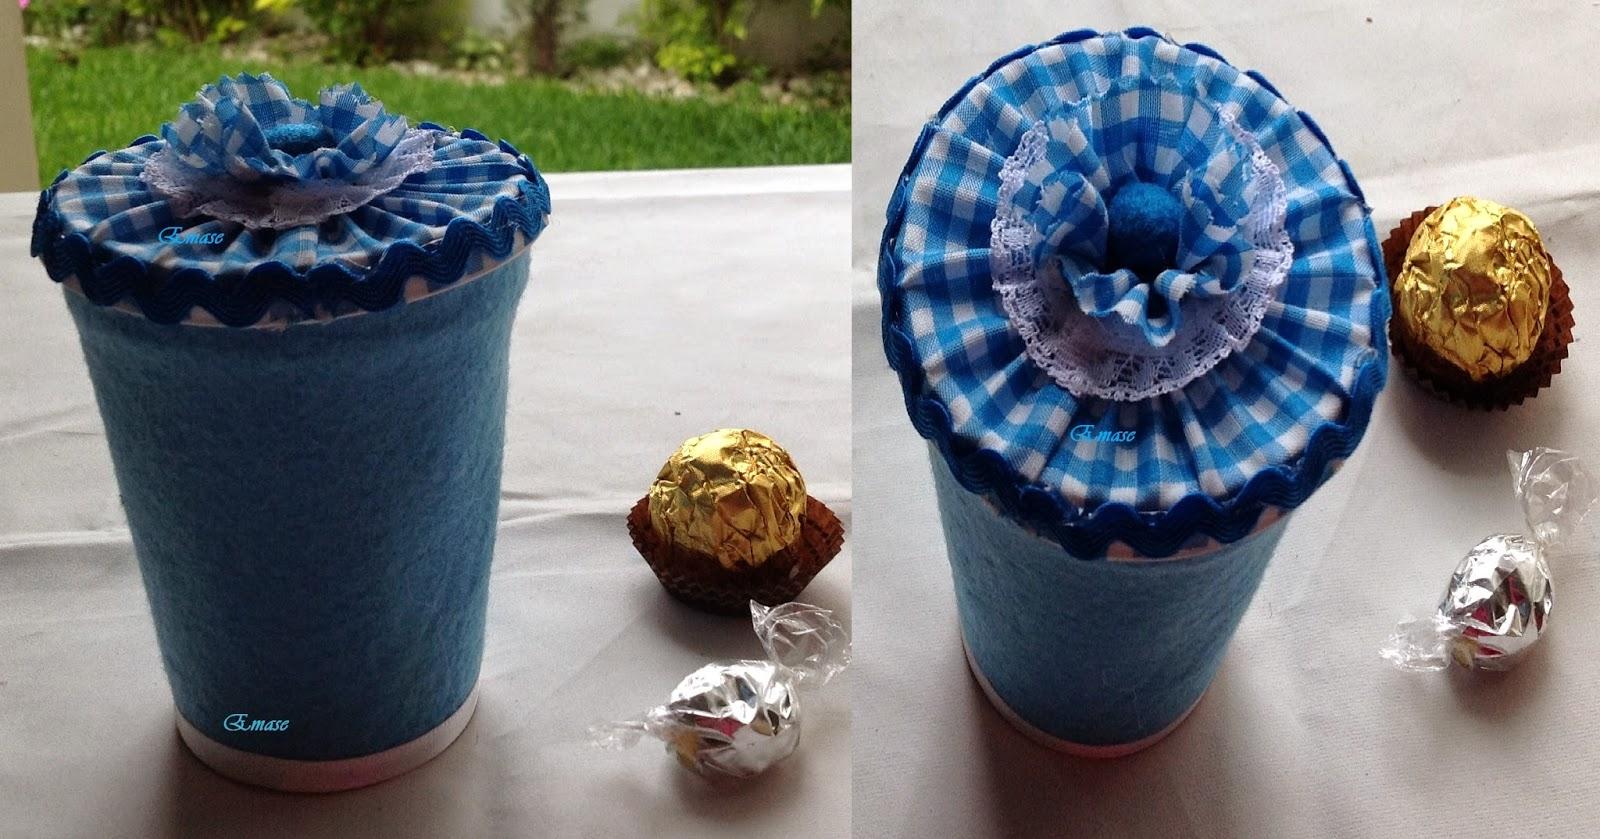 Como hacer dulceros con vasos de yogurt dulcero hecho - Vasos para yogurt ...